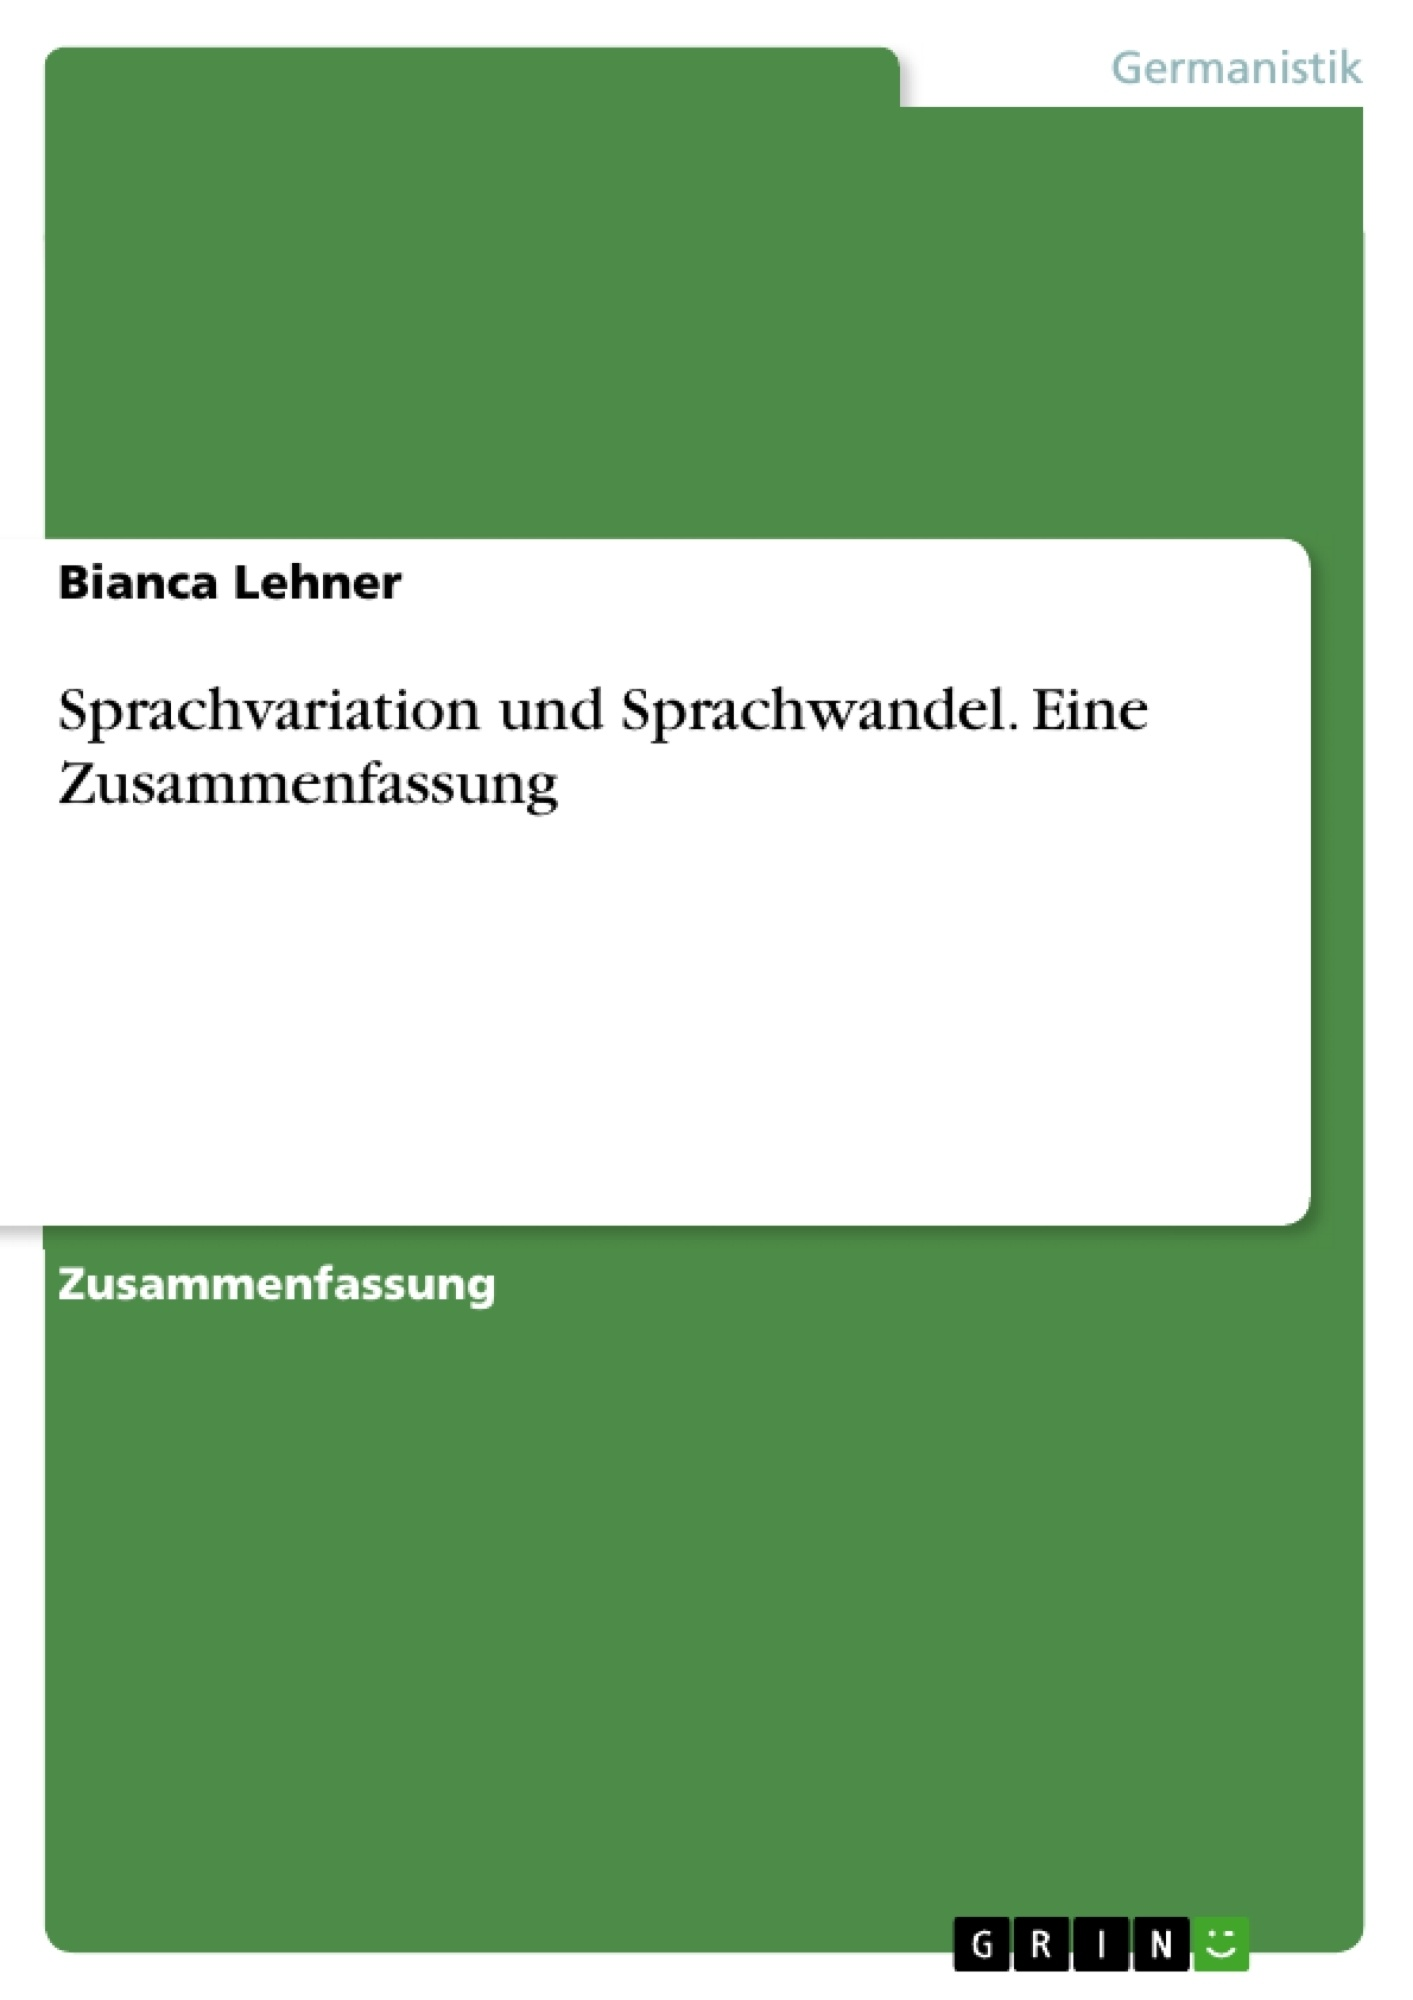 Titel: Sprachvariation und Sprachwandel. Eine Zusammenfassung